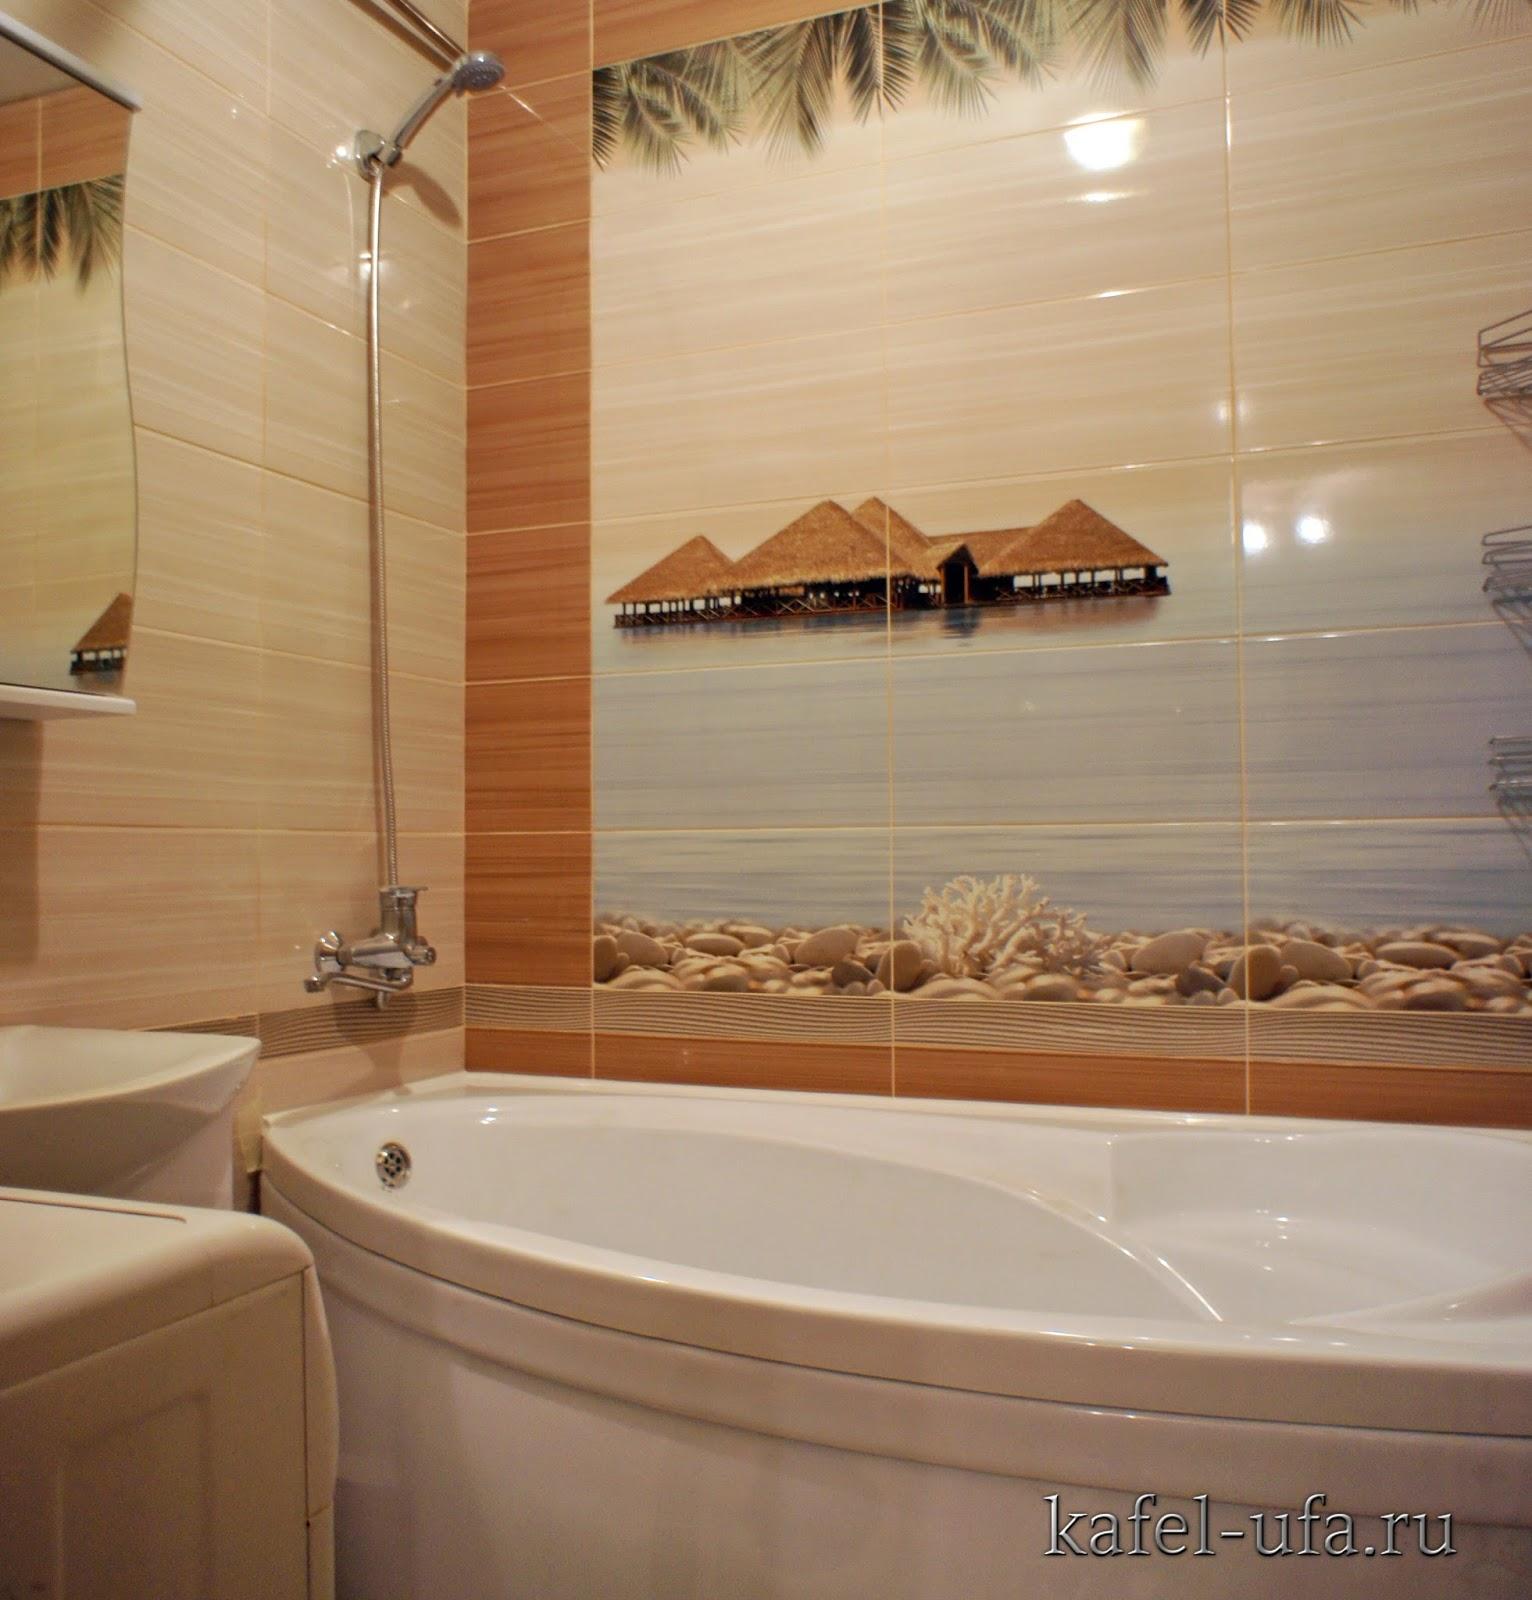 Ванной комнаты уфа фото ванные комнаты многоэтажках